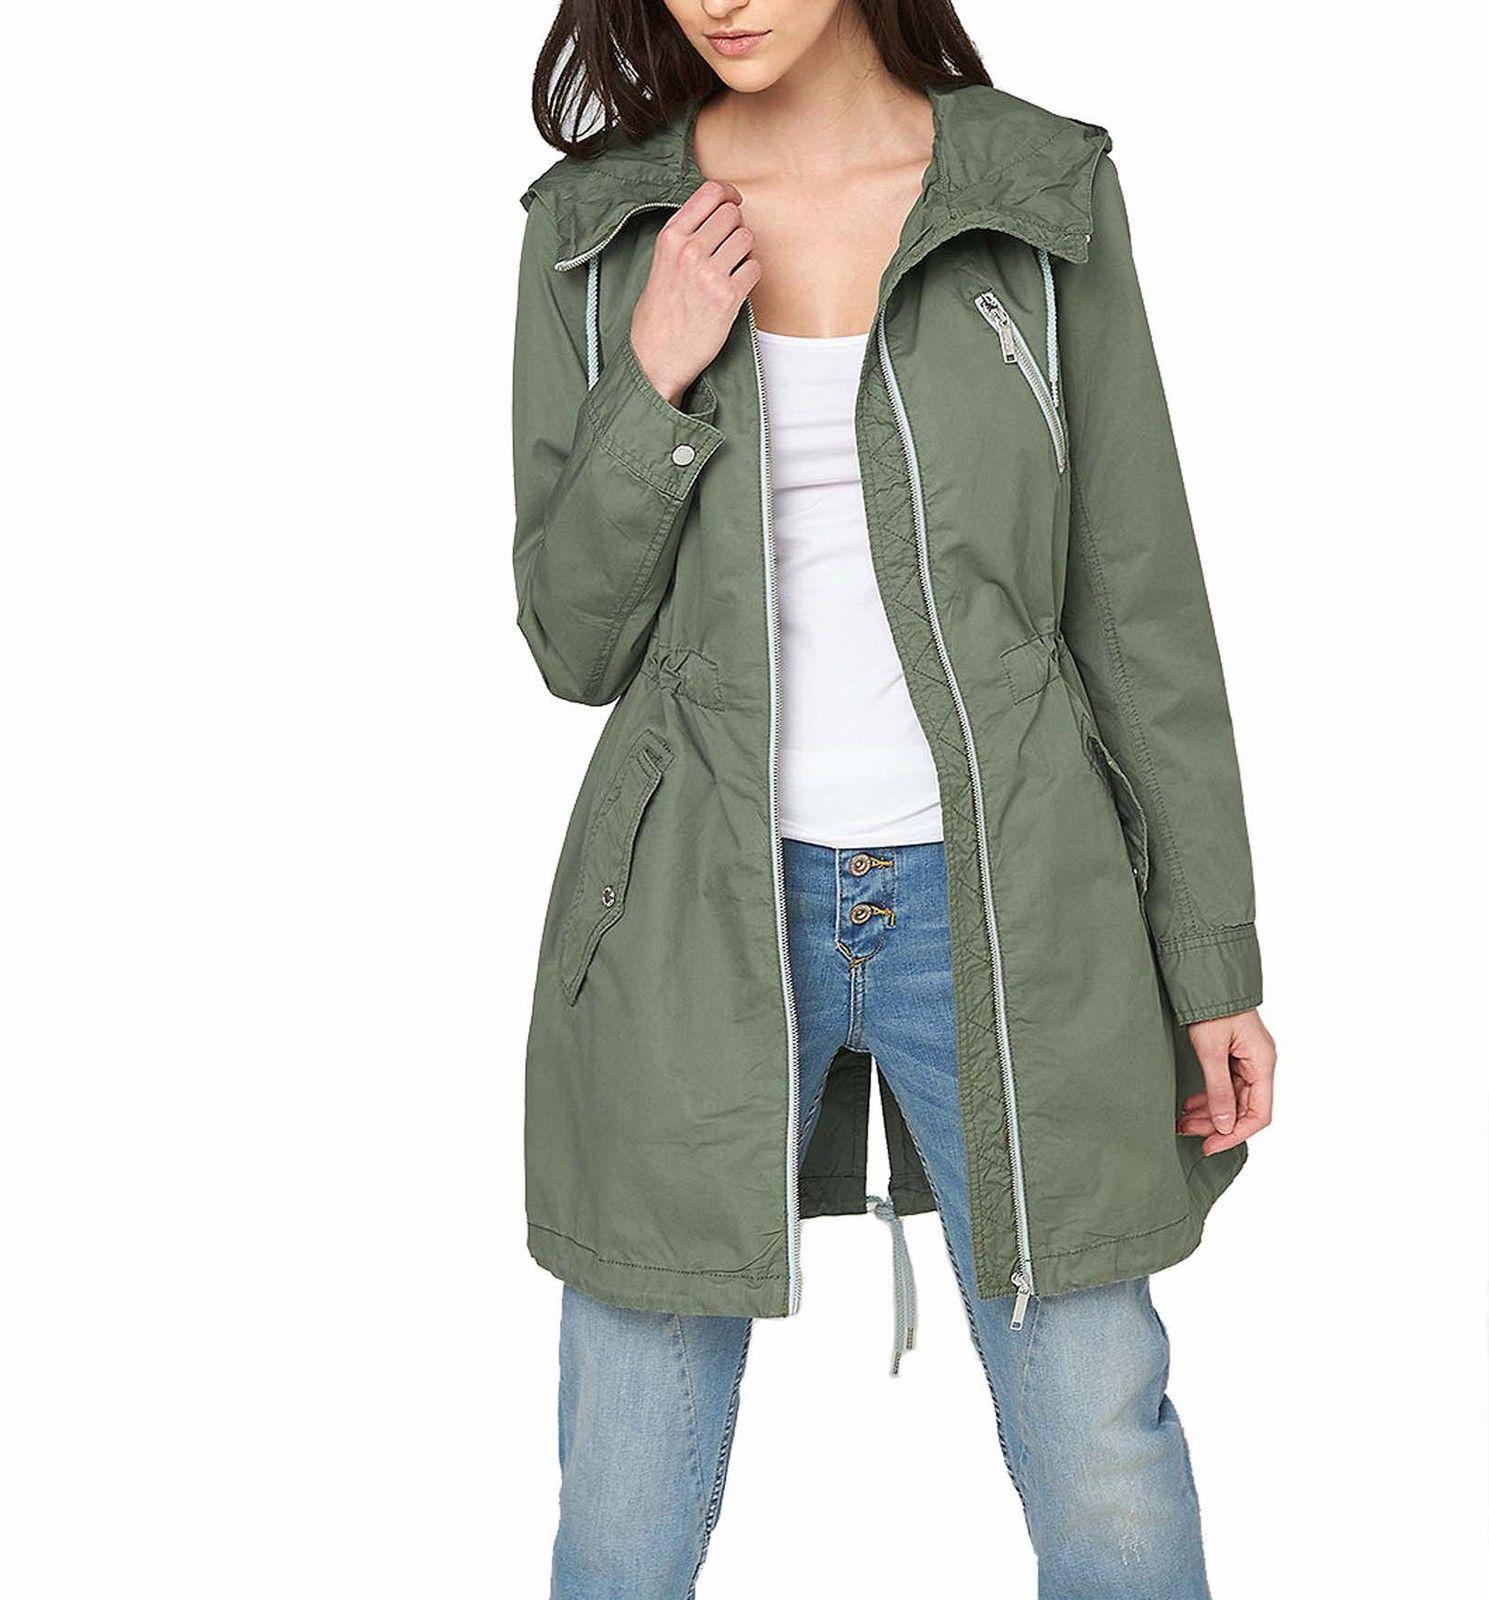 S Oliver Damen Parka Sommermantel Forrest Green Neu Gr 40 In Kleidung Accessoires Damenmode Jacken Mantel Ebay Damen Mode Damenmode Mantel Kaufen